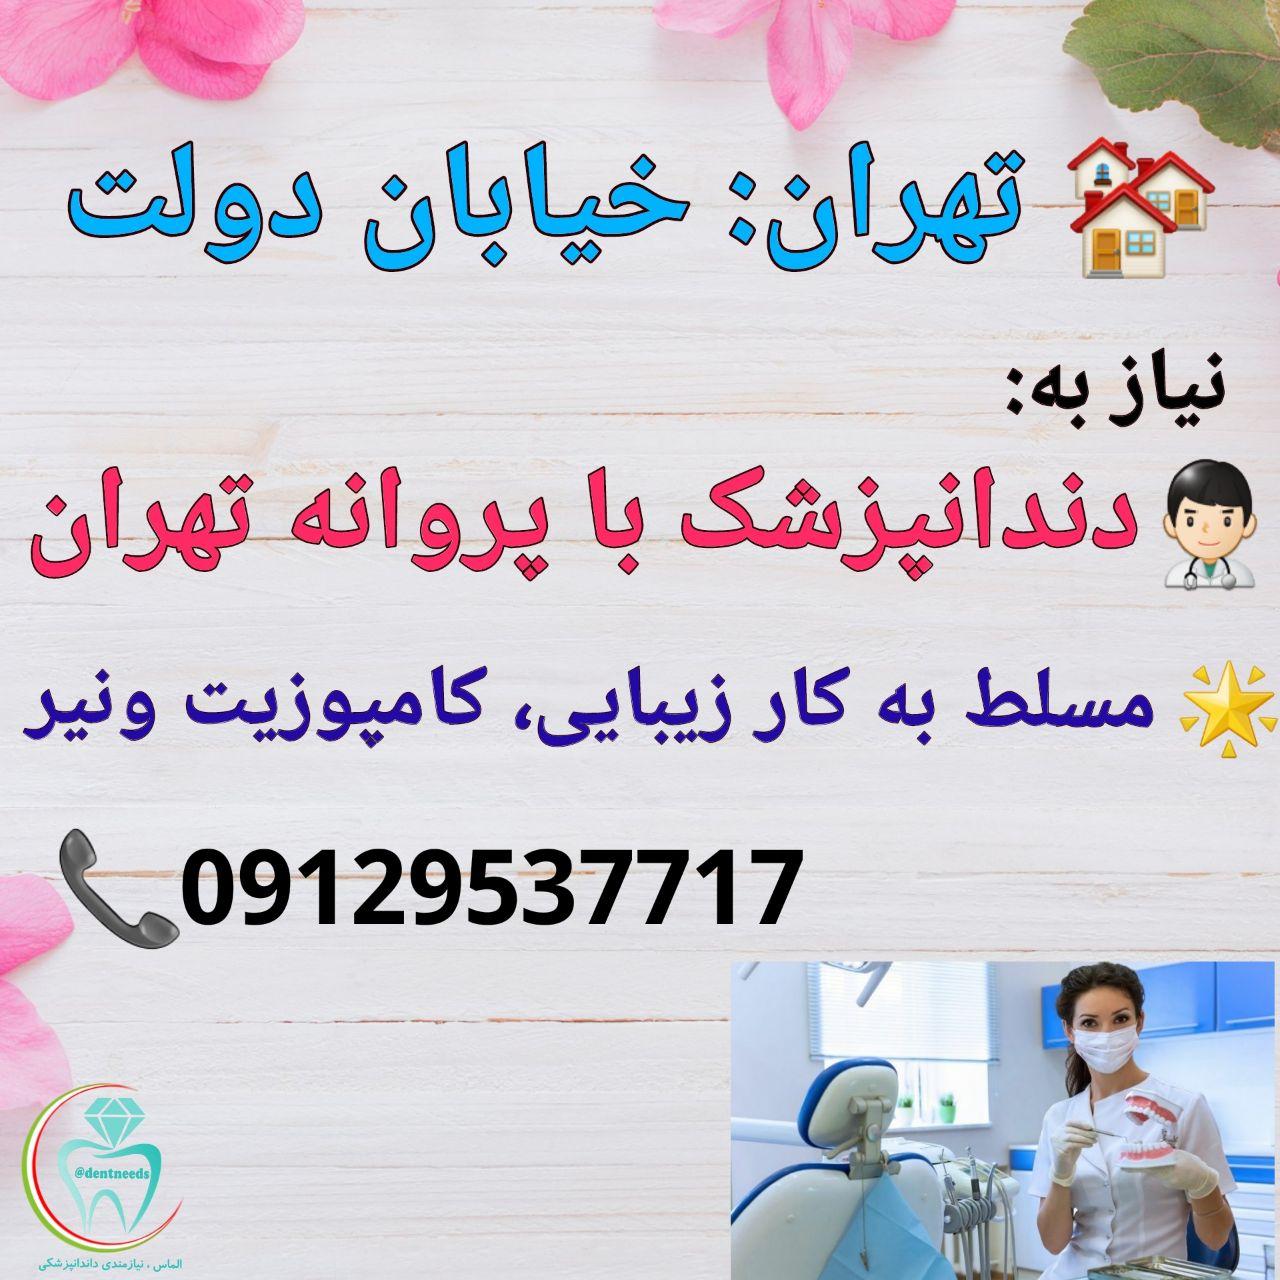 تهران: خیابان دولت، نیاز به دندانپزشک با پروانه تهران